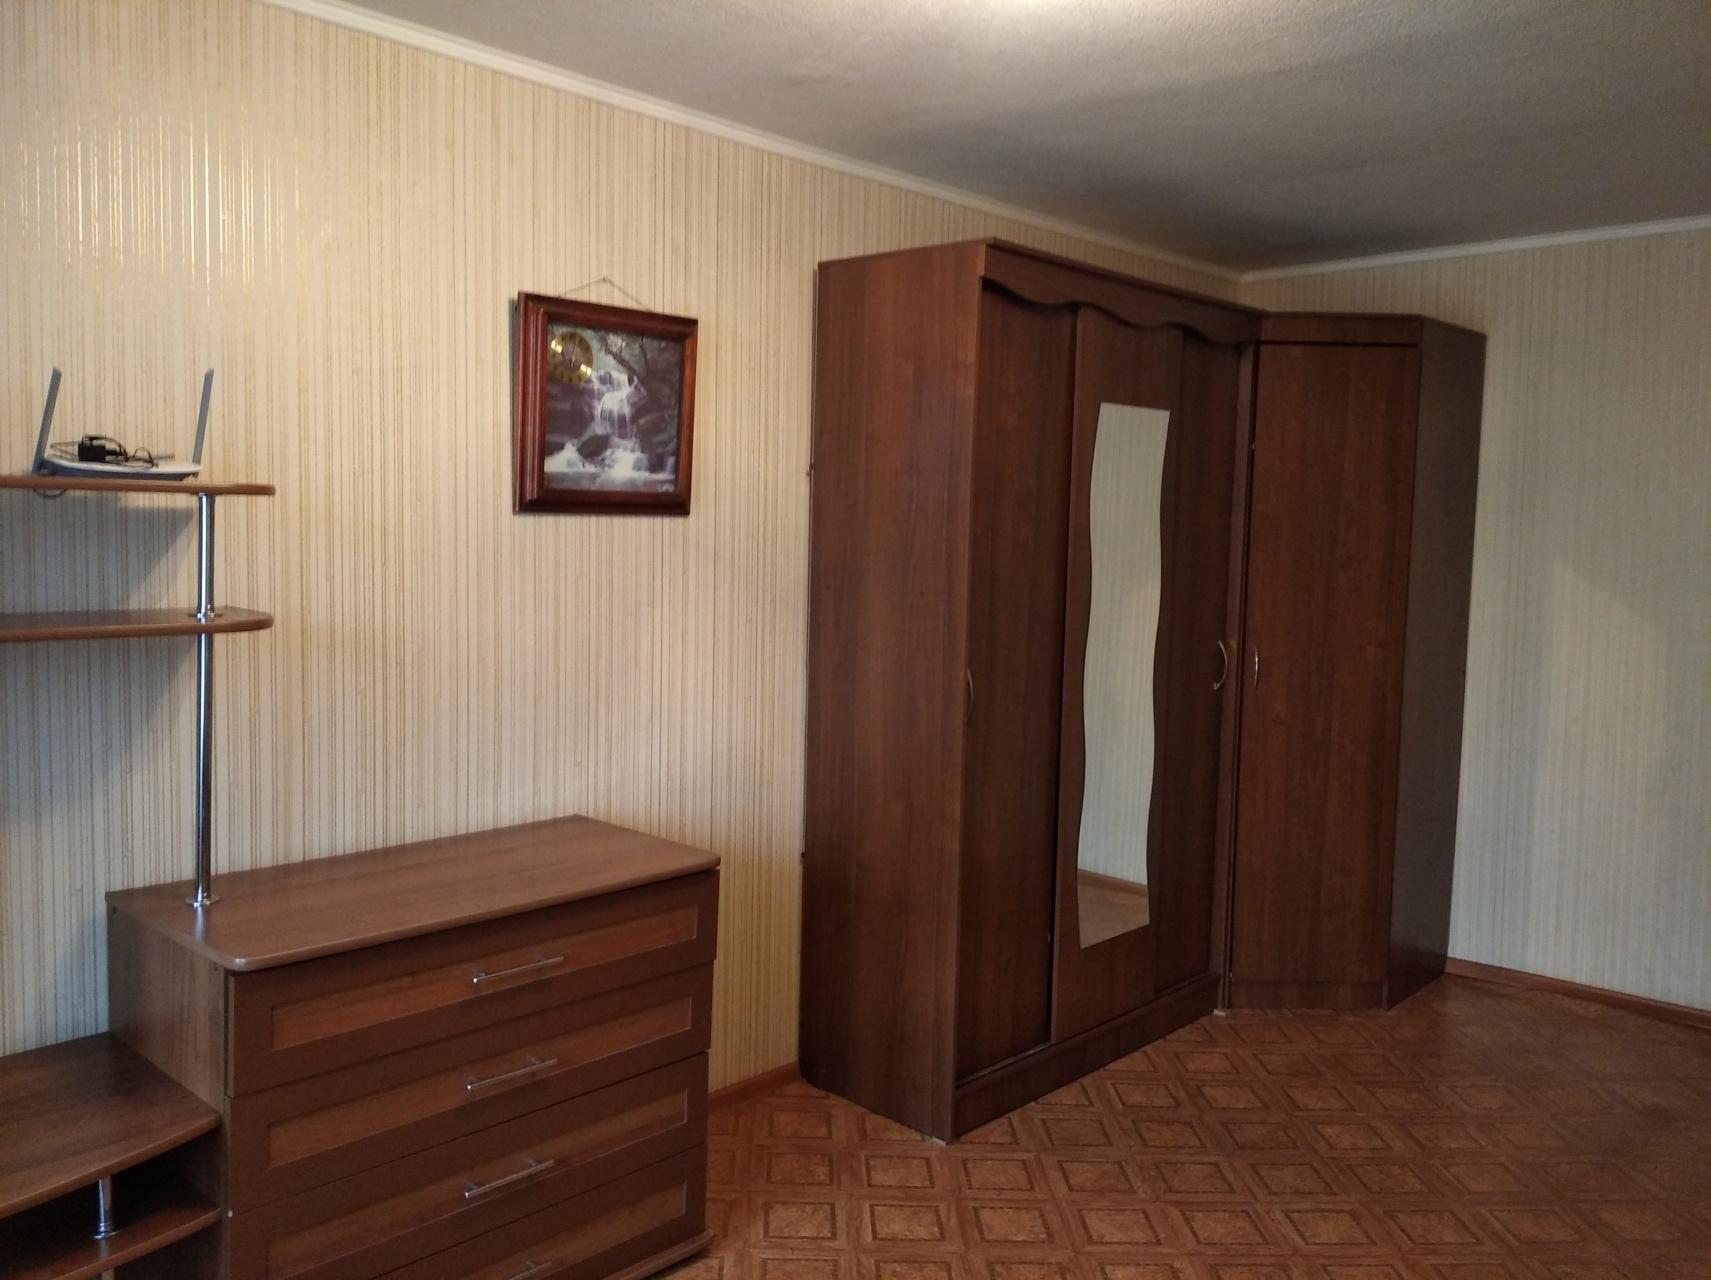 Продажа 1-комнатной квартиры Дьяконова ул., 7, к 1, Нижний Новгород